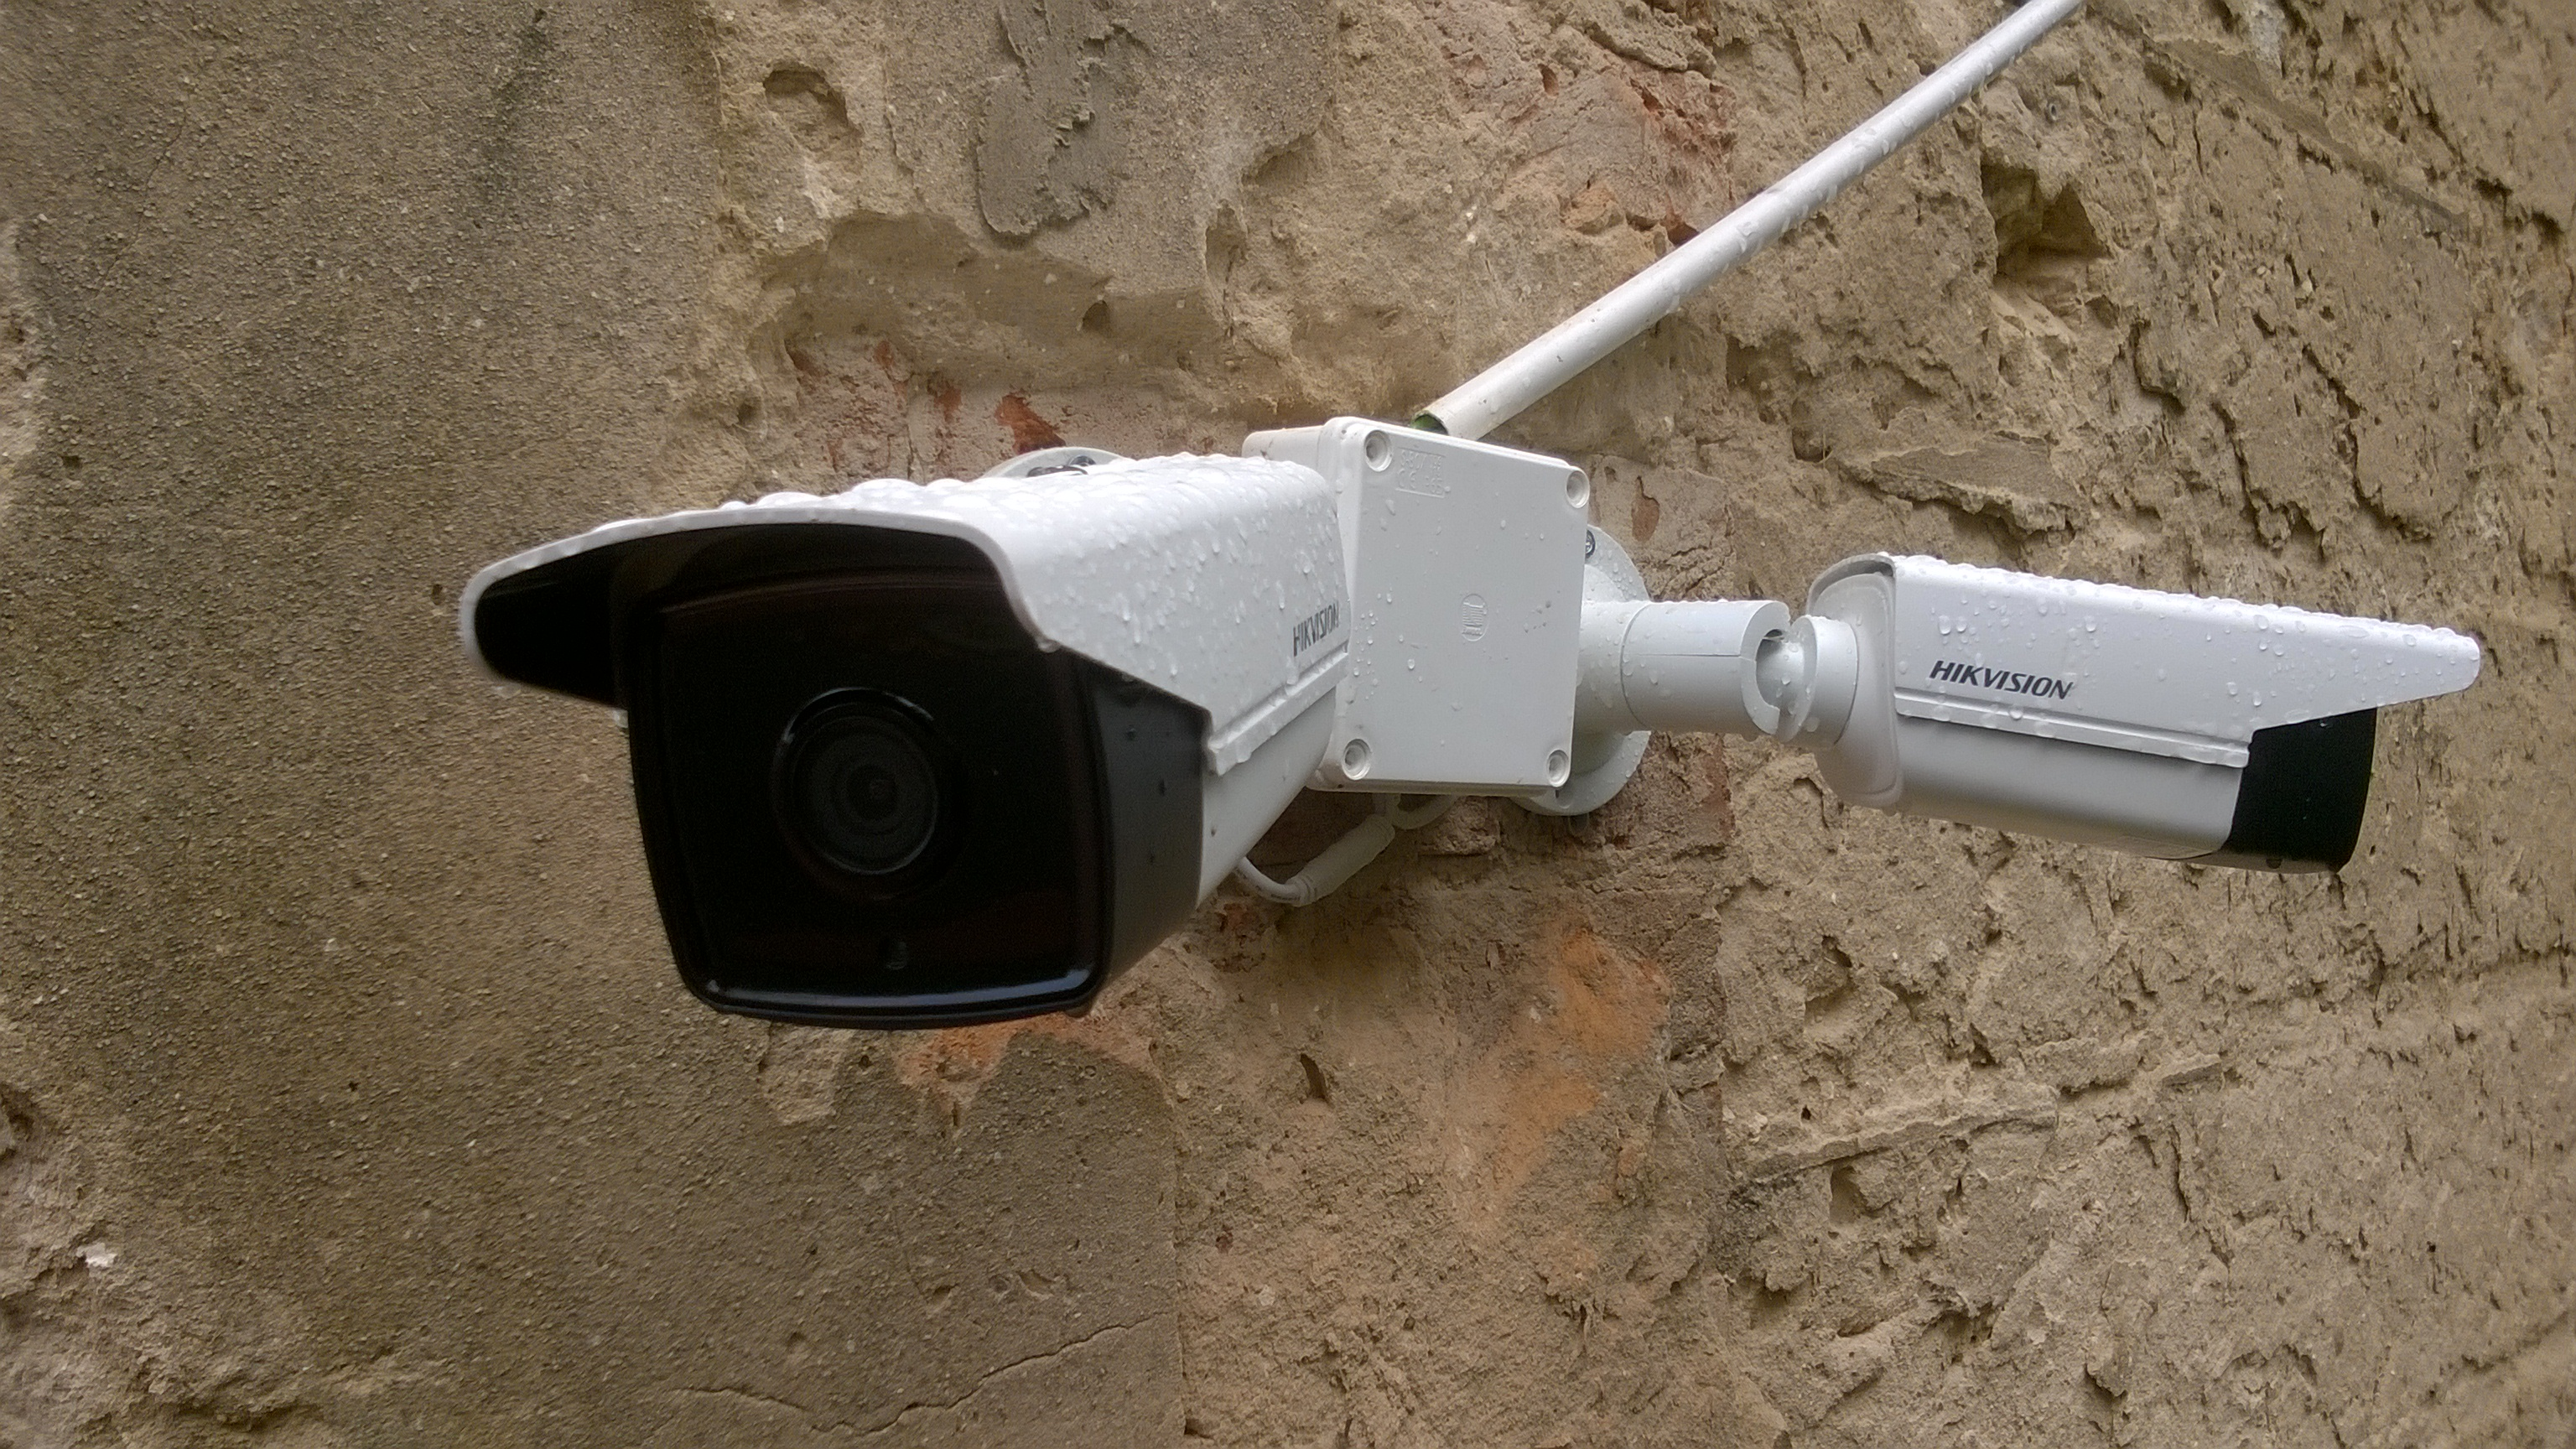 monitoring-bilgoraj-monitoring-zamosc-monitoring-krasnik-monitoring-janow-lubelski-monitoring-gospodarstwa-rolnego-monitoring-chelm-monitoring-lezajsk-35-infomech-monitoring-wizyjny-systemy-zabezpie